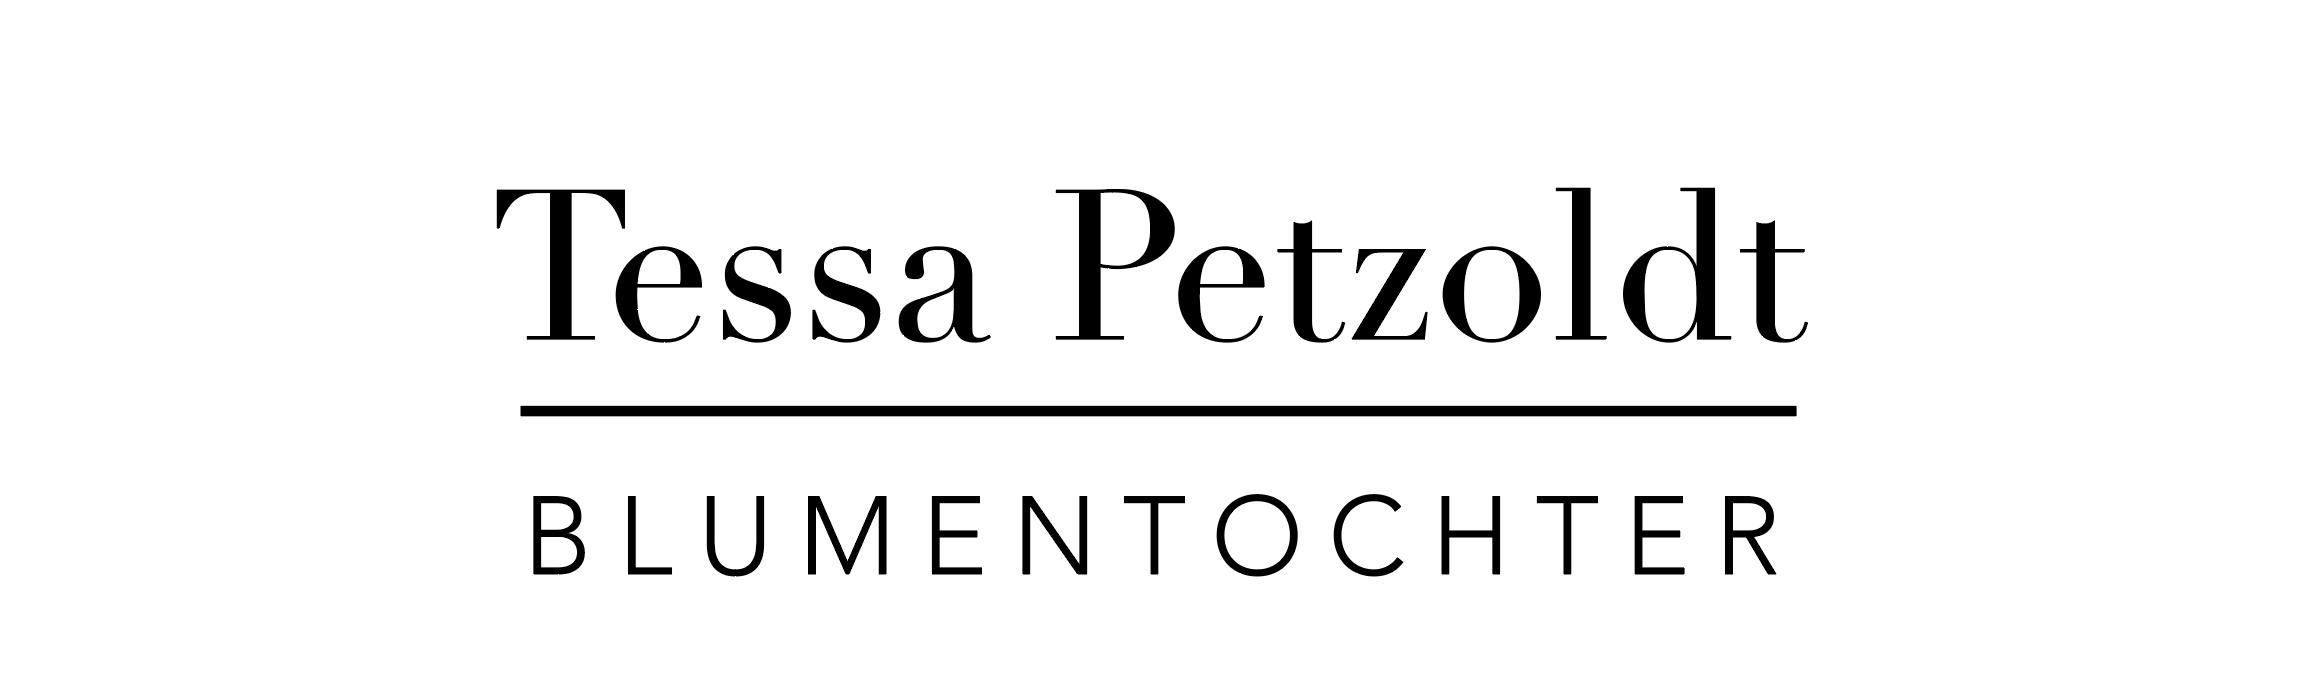 Tessa Petzoldt